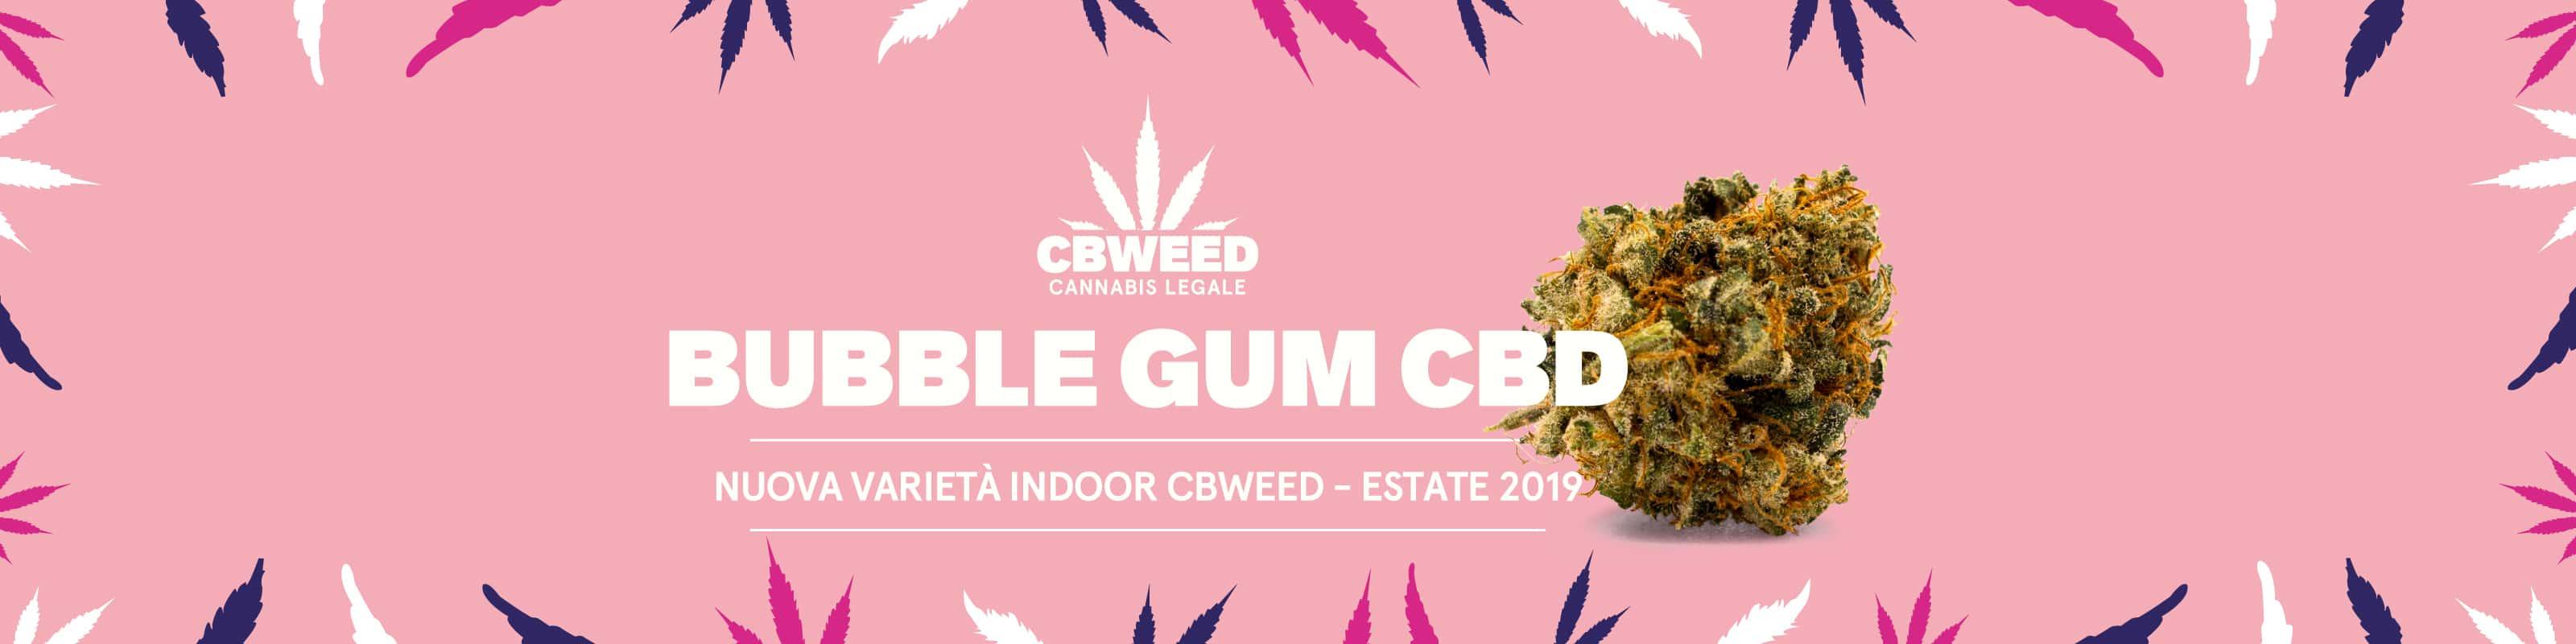 Bubblegum-banner-home